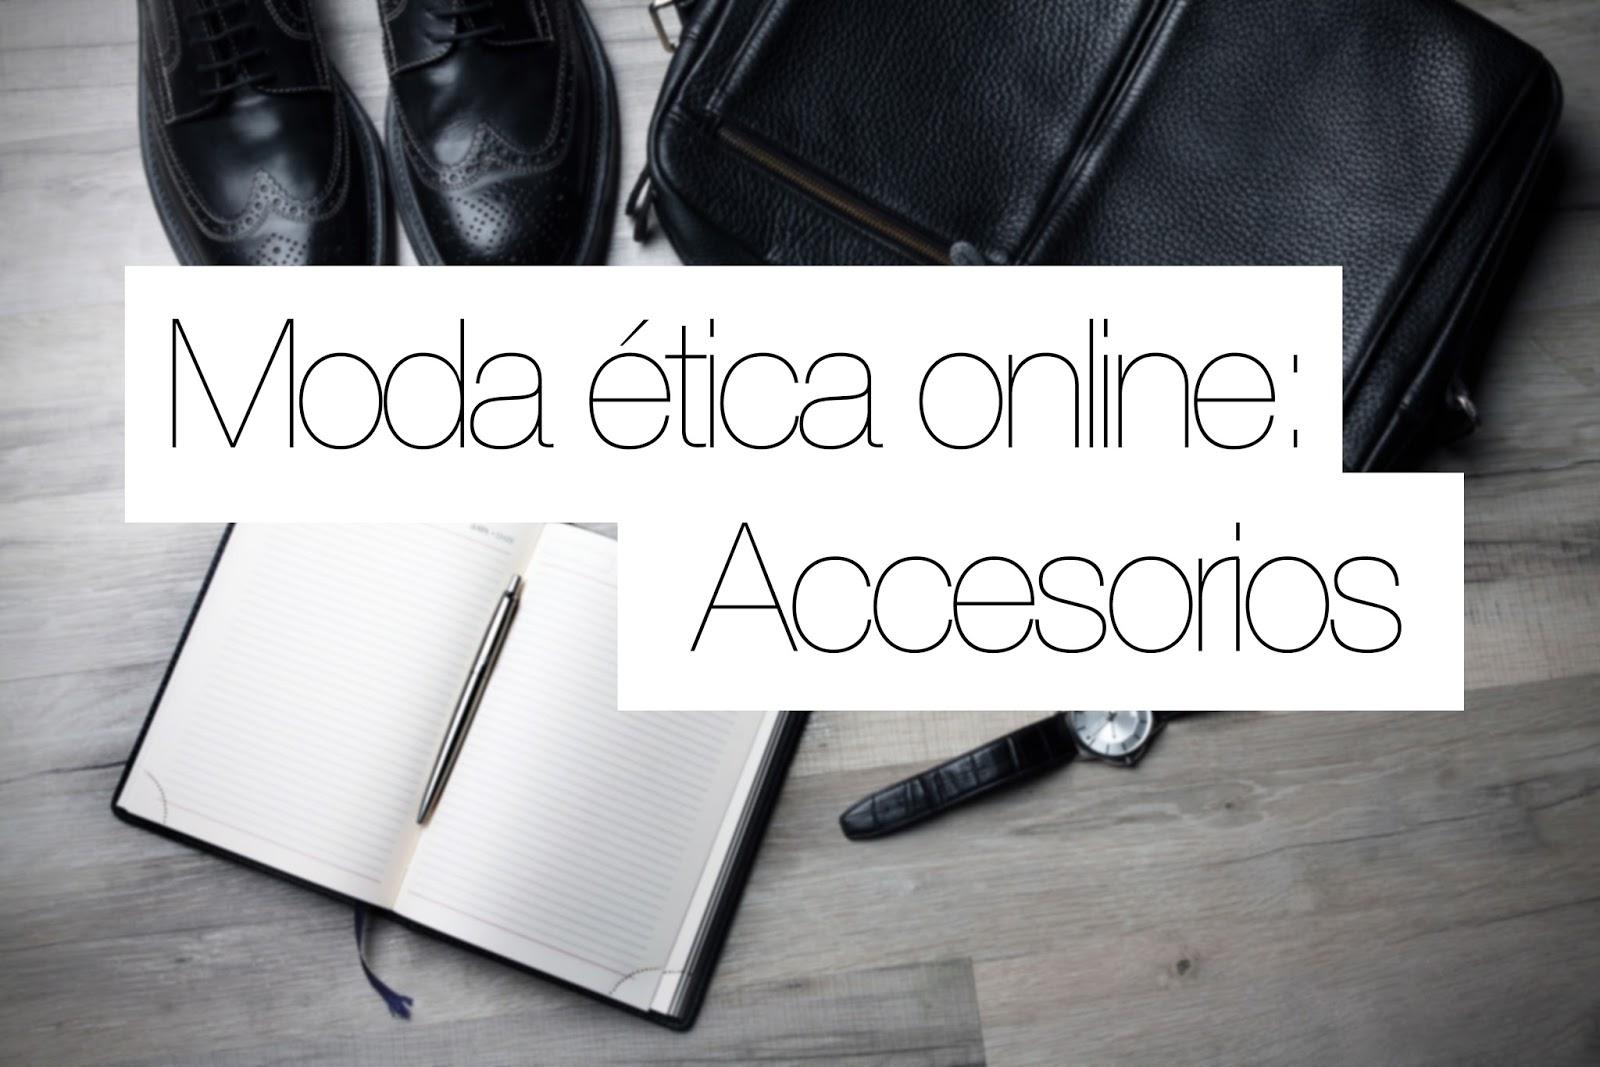 Moda ética online, accesorios (zapatos, bolsos...)